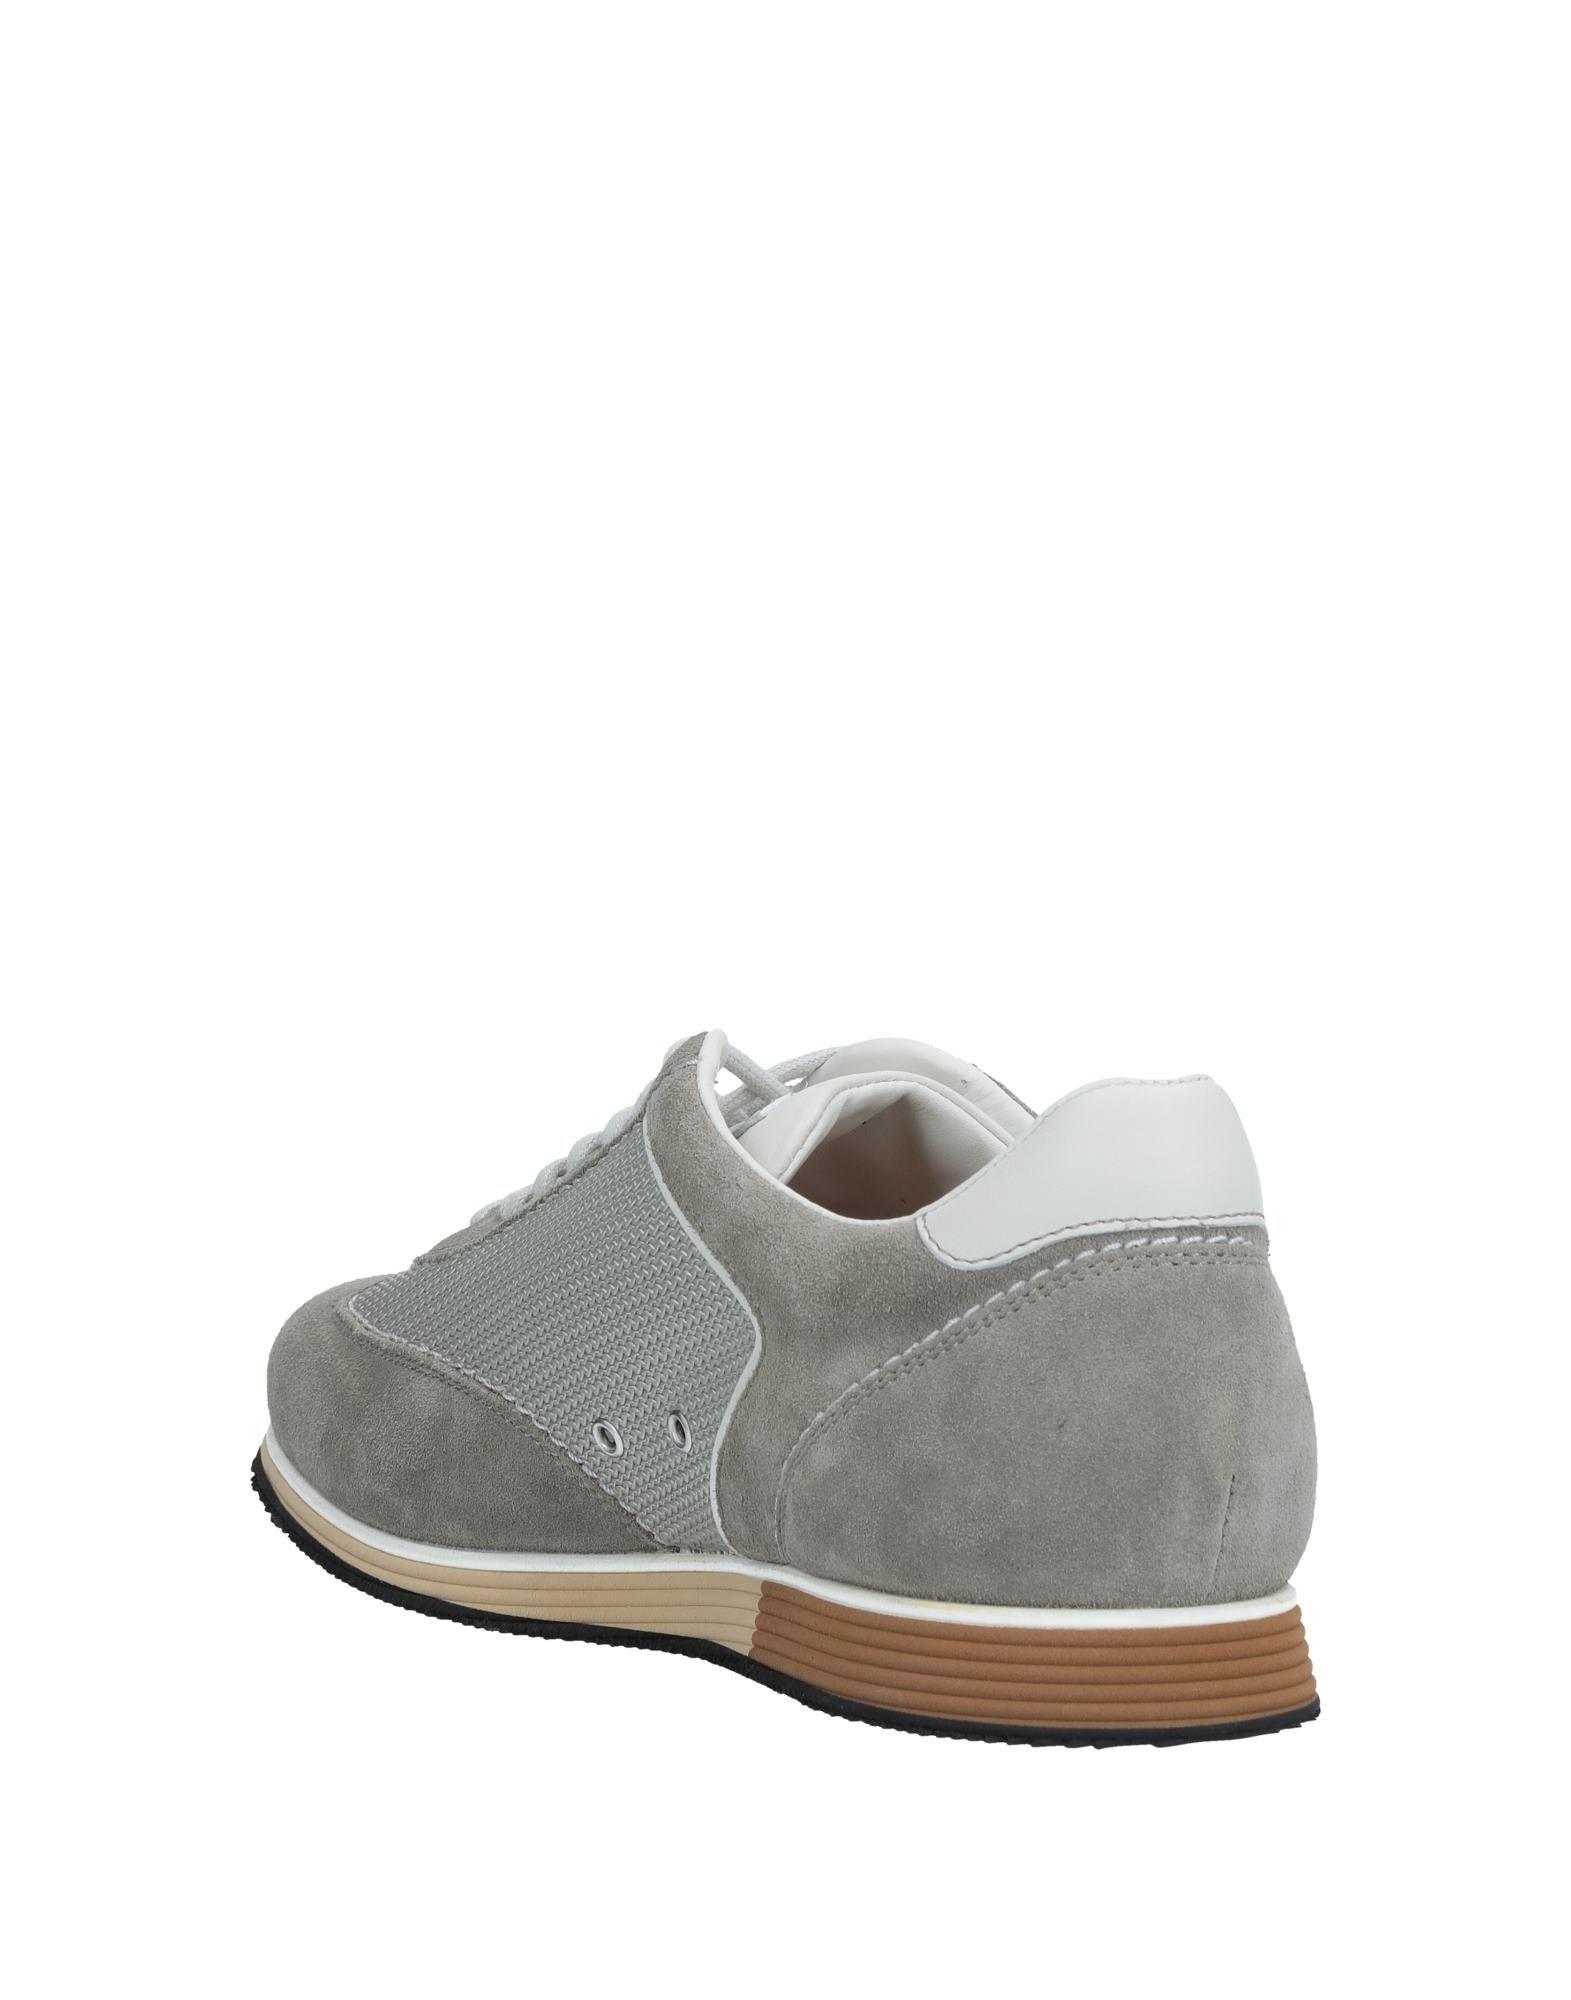 11533859DO Santoni Sneakers Herren  11533859DO  e95698